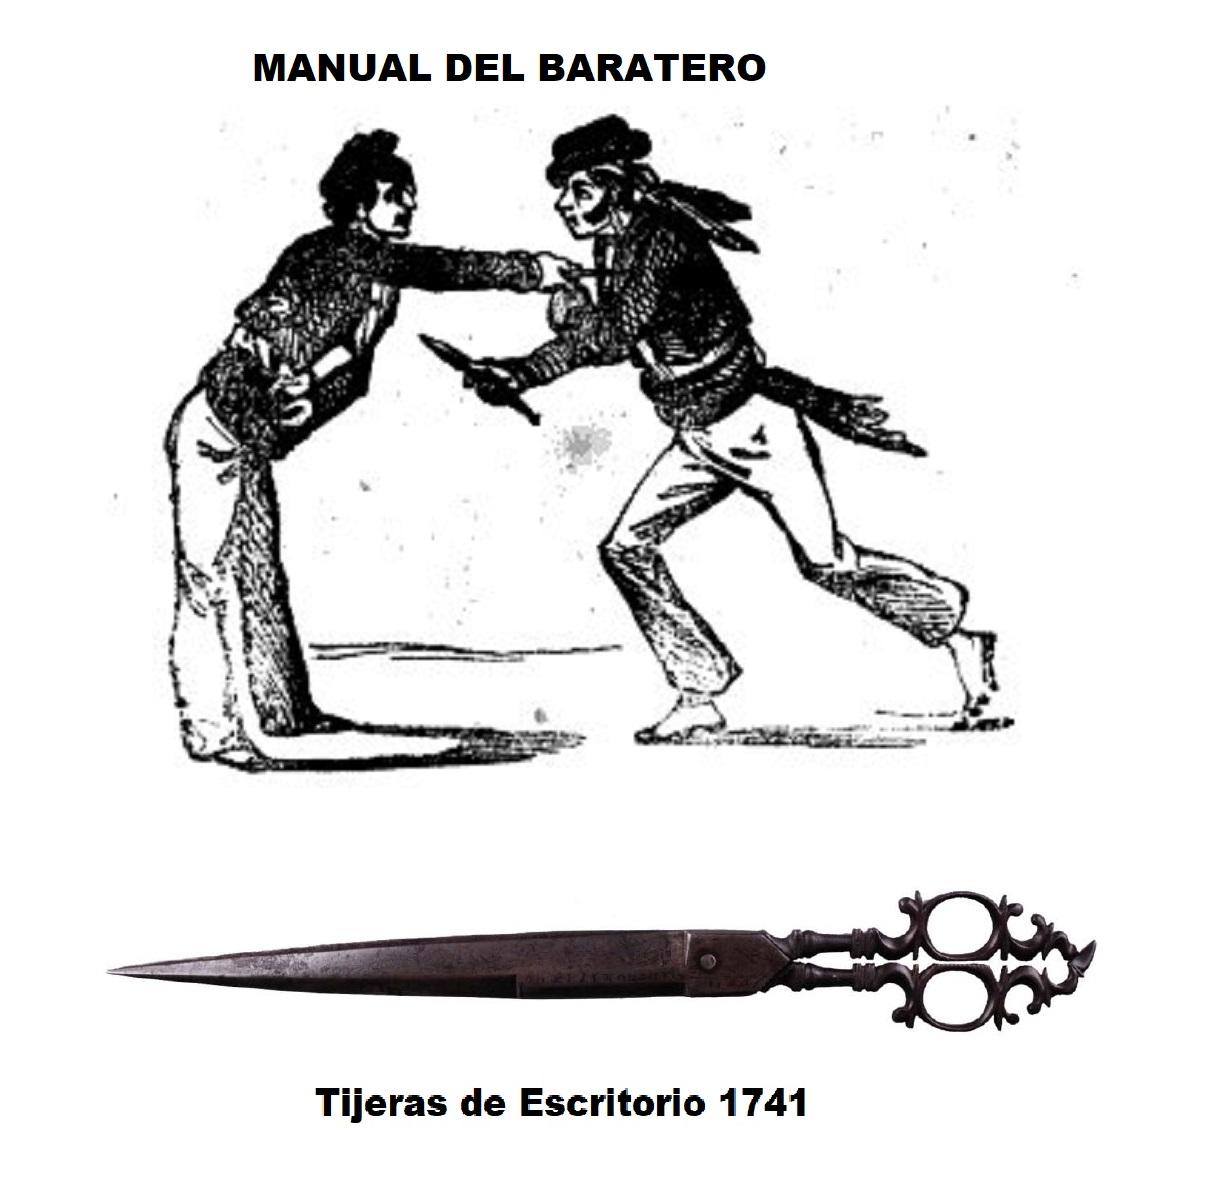 uso de tijeras y navajas como arma manual dle baratero siglo XIX